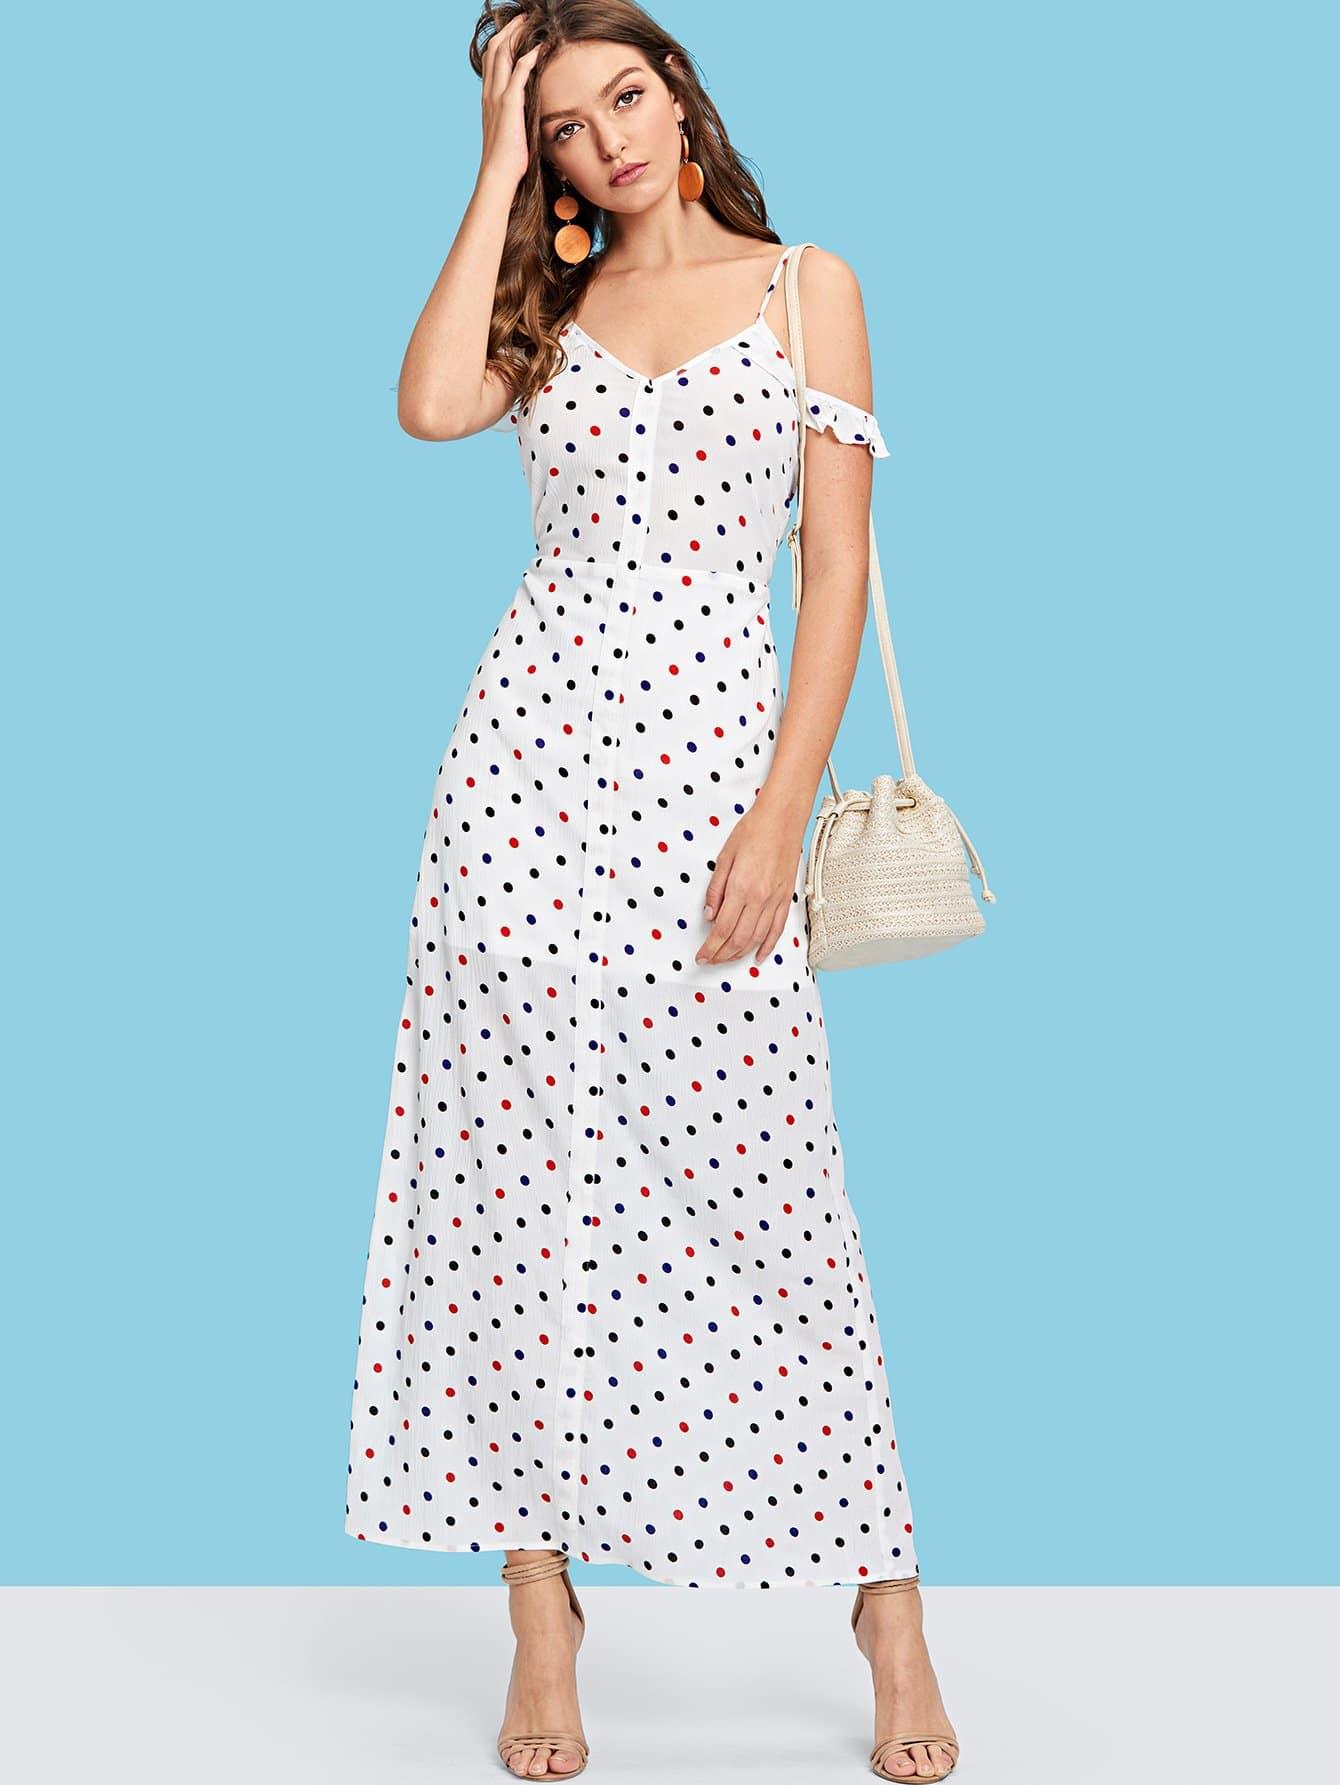 Платье для девочек, Luiza, SheIn  - купить со скидкой